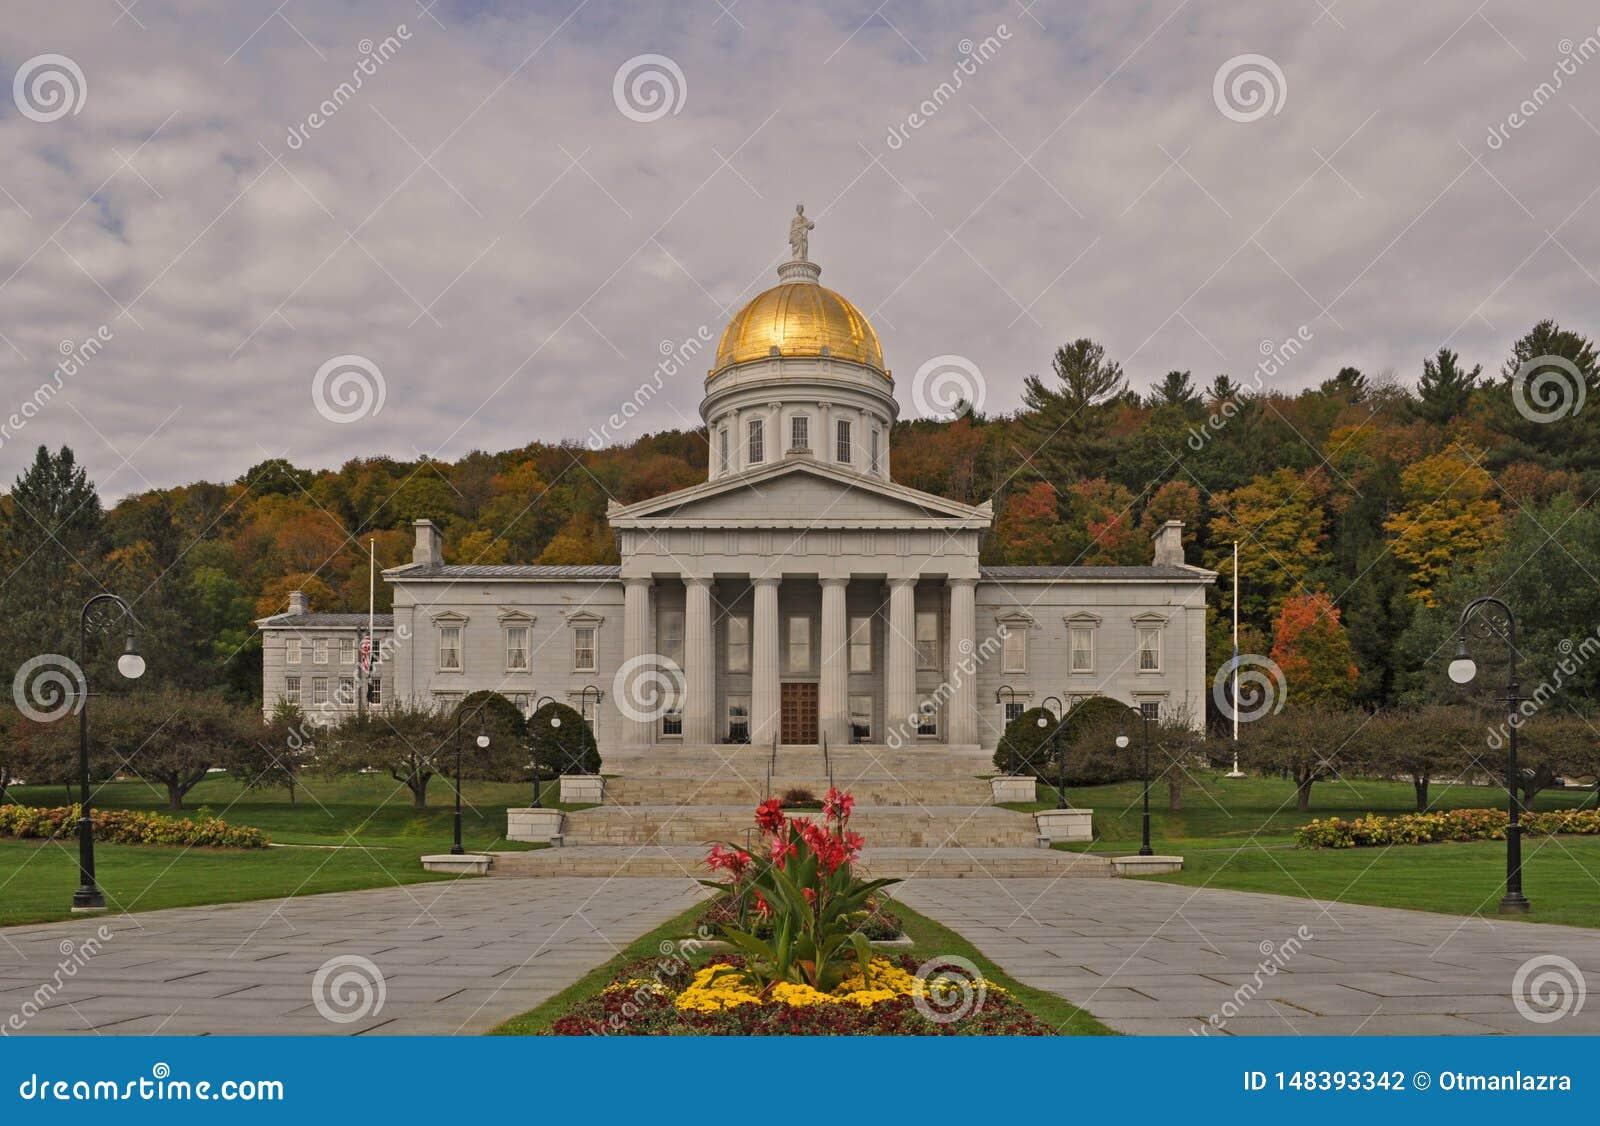 La casa del estado de Vermont en Montpelier, Vermont, los E.E.U.U.